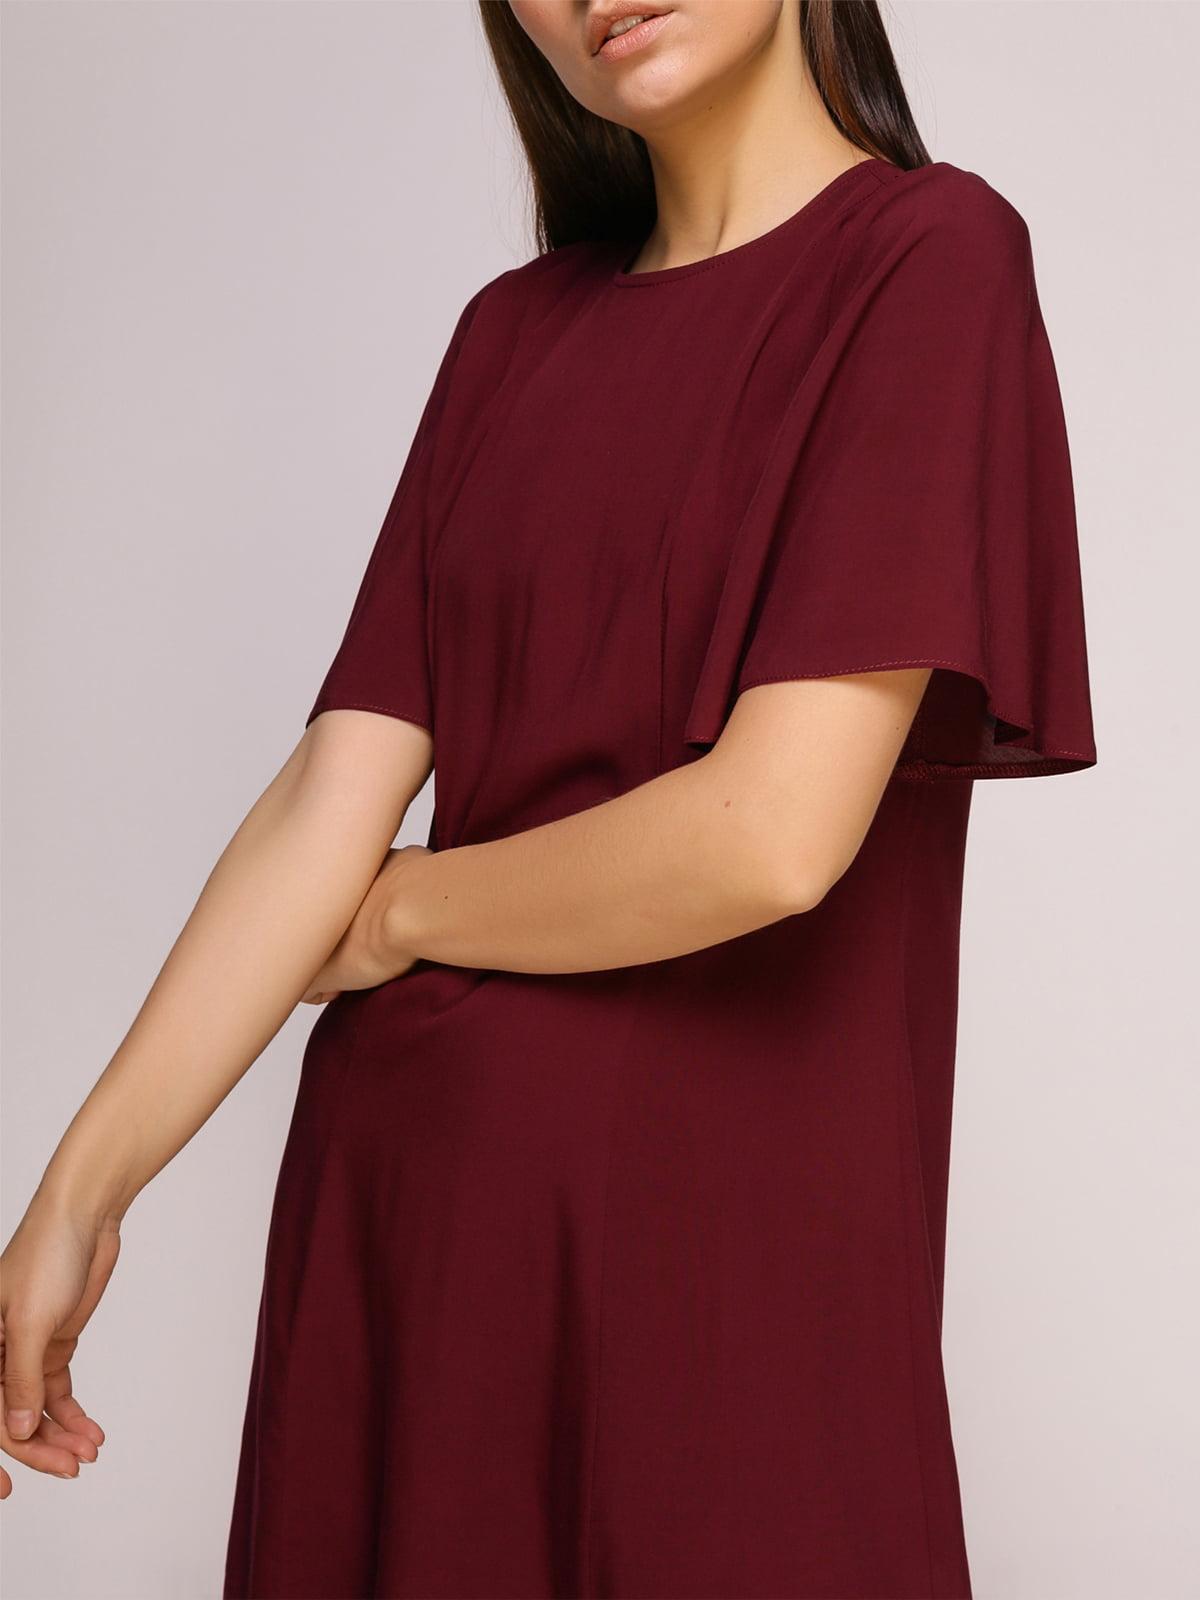 Платье бордовое | 4915529 | фото 5